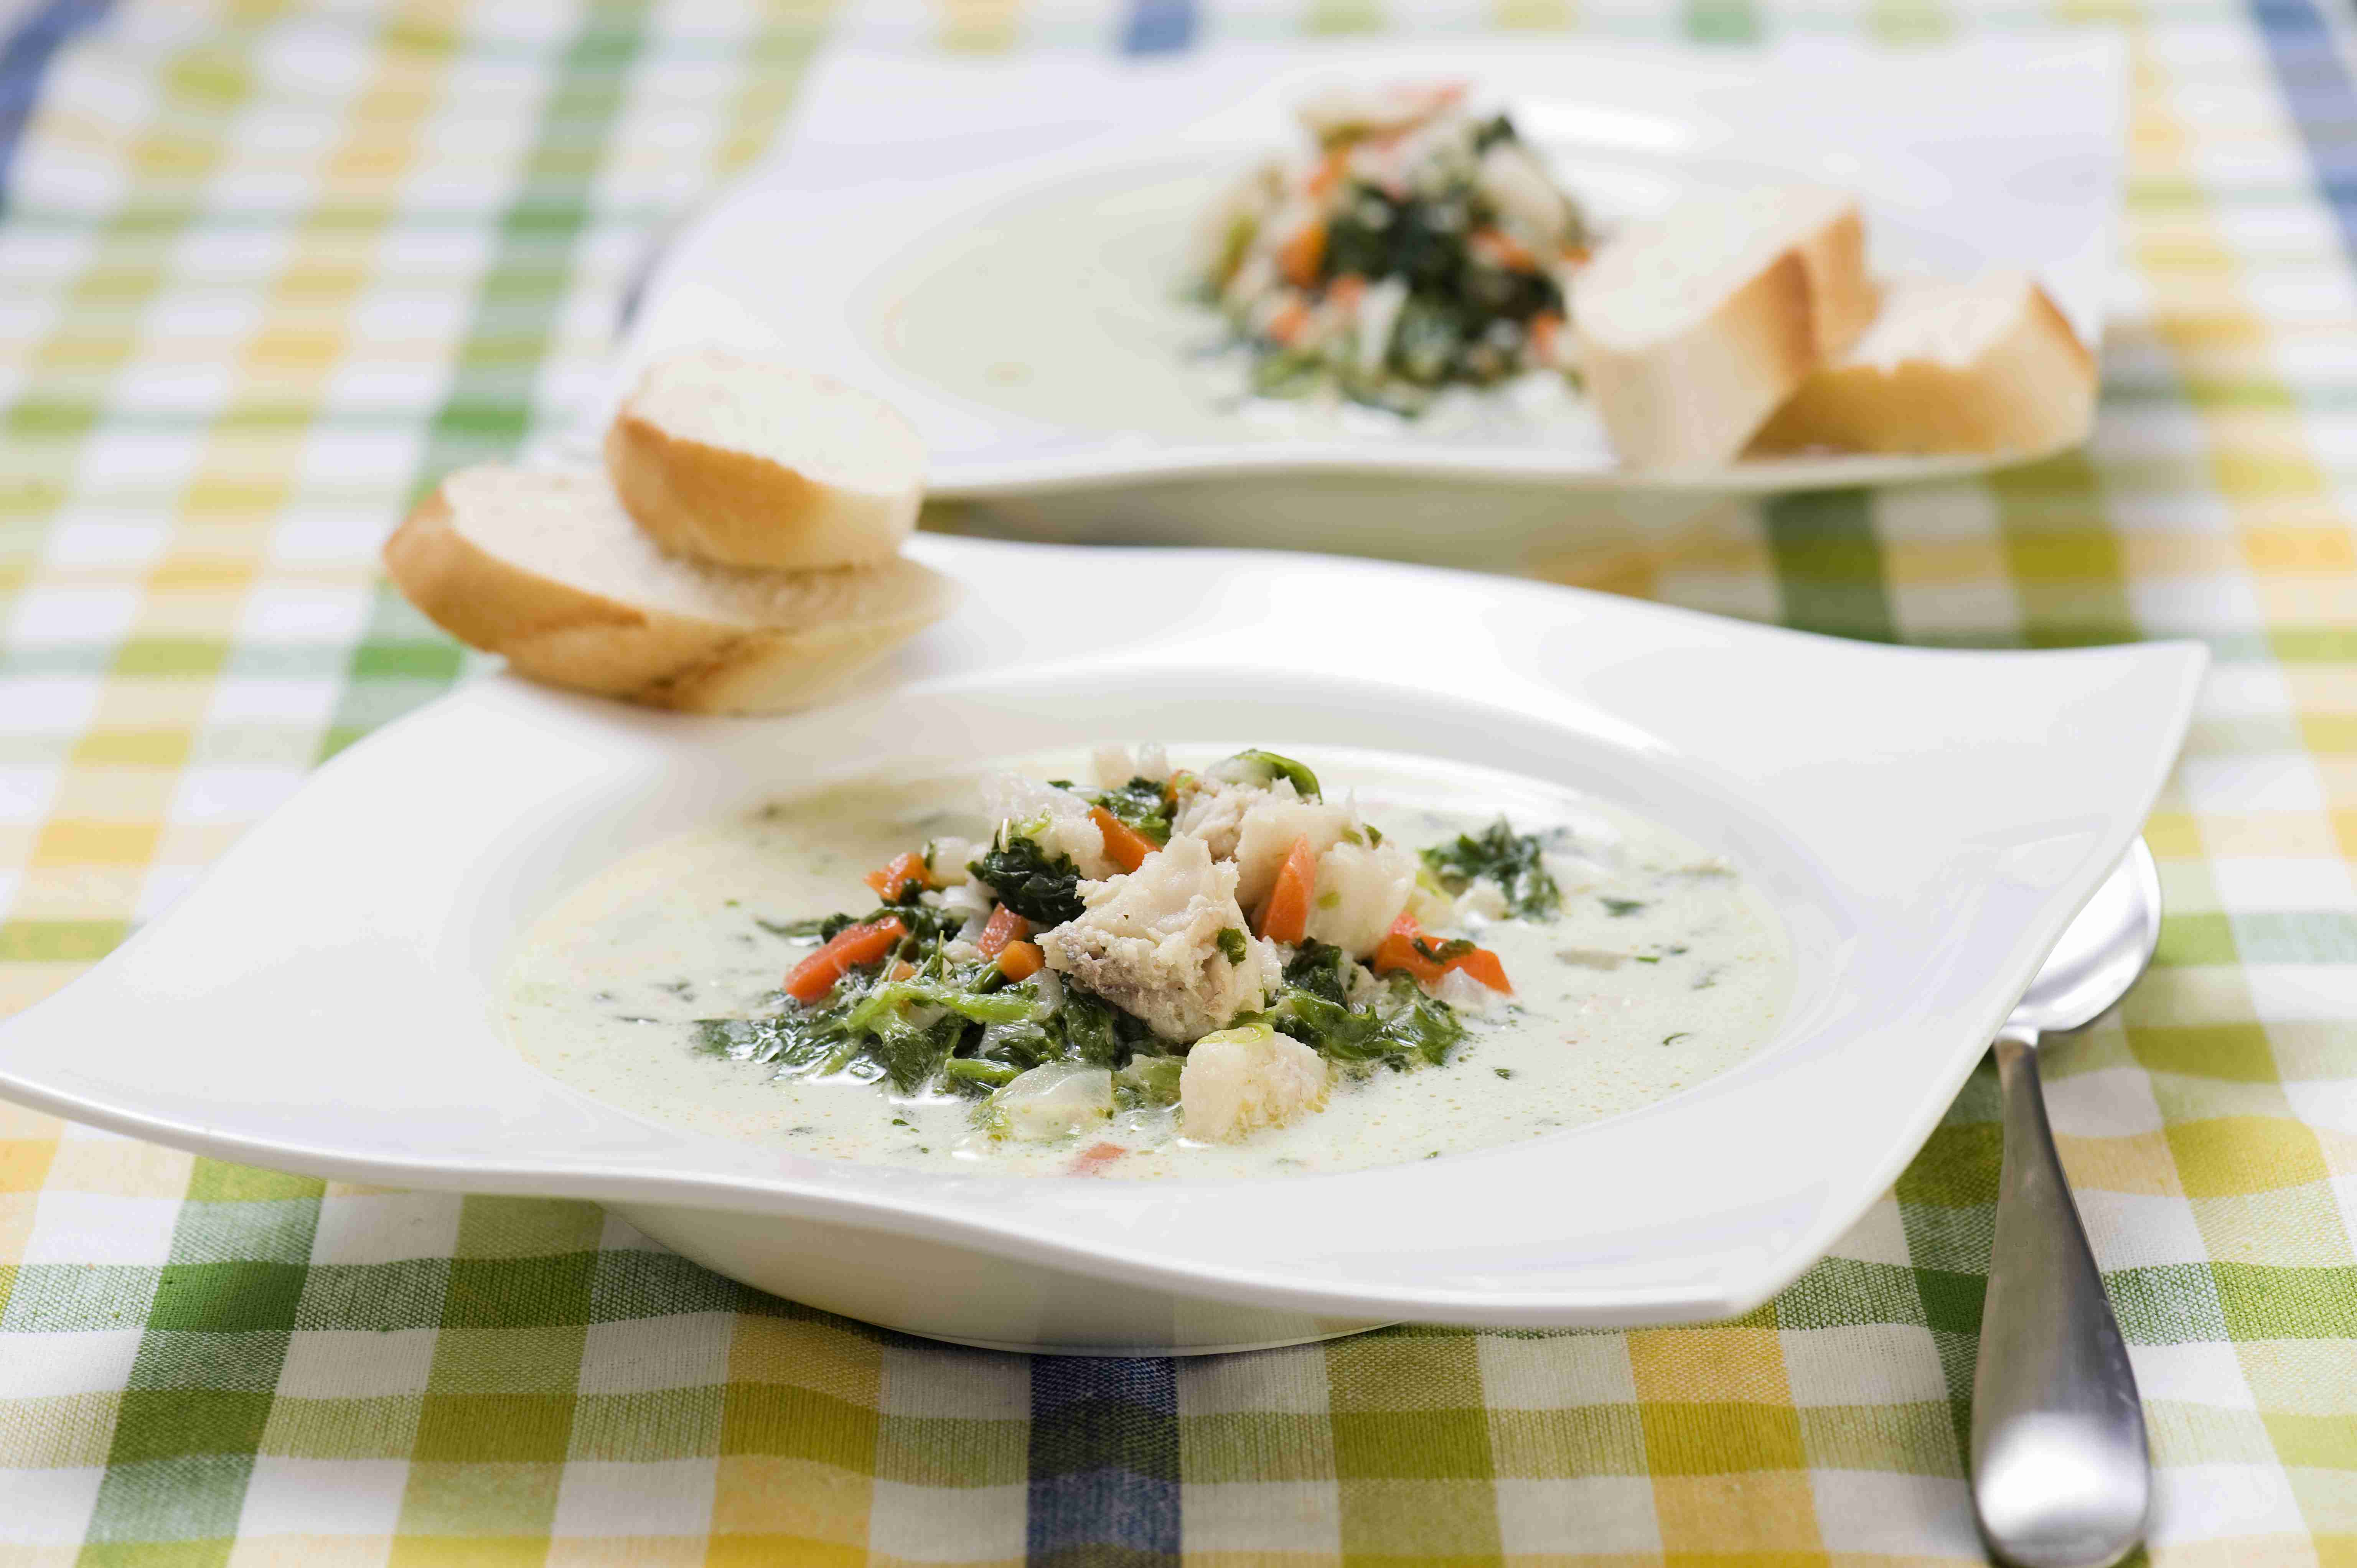 Biała zupa rybna ze szpinakiem